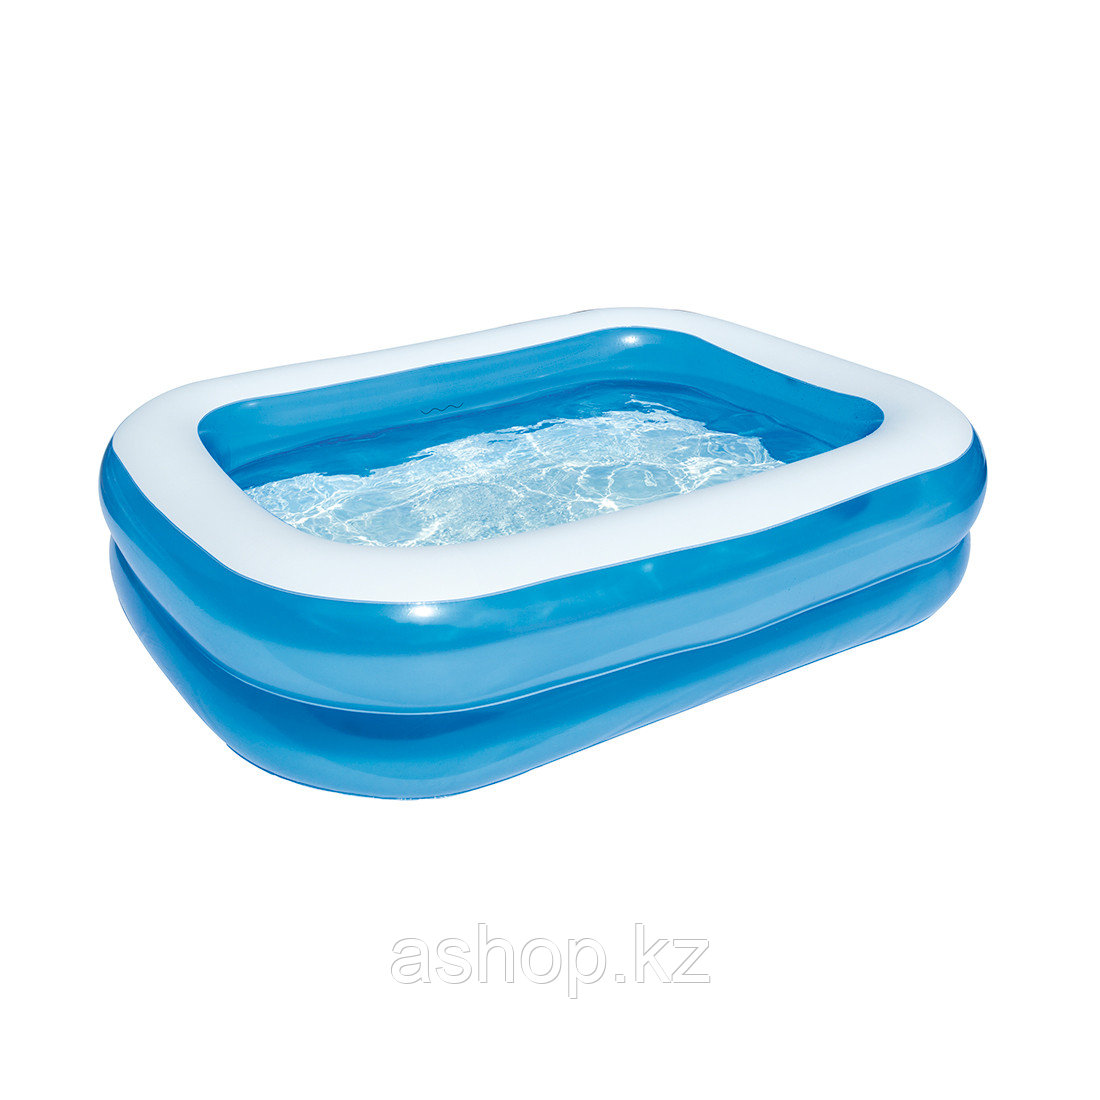 Бассейн надувной Bestway Blue Rectangular, 450 л, Возрост: От 6 лет, Насос: Нет, Лестница: Нет, Поливинилхлори